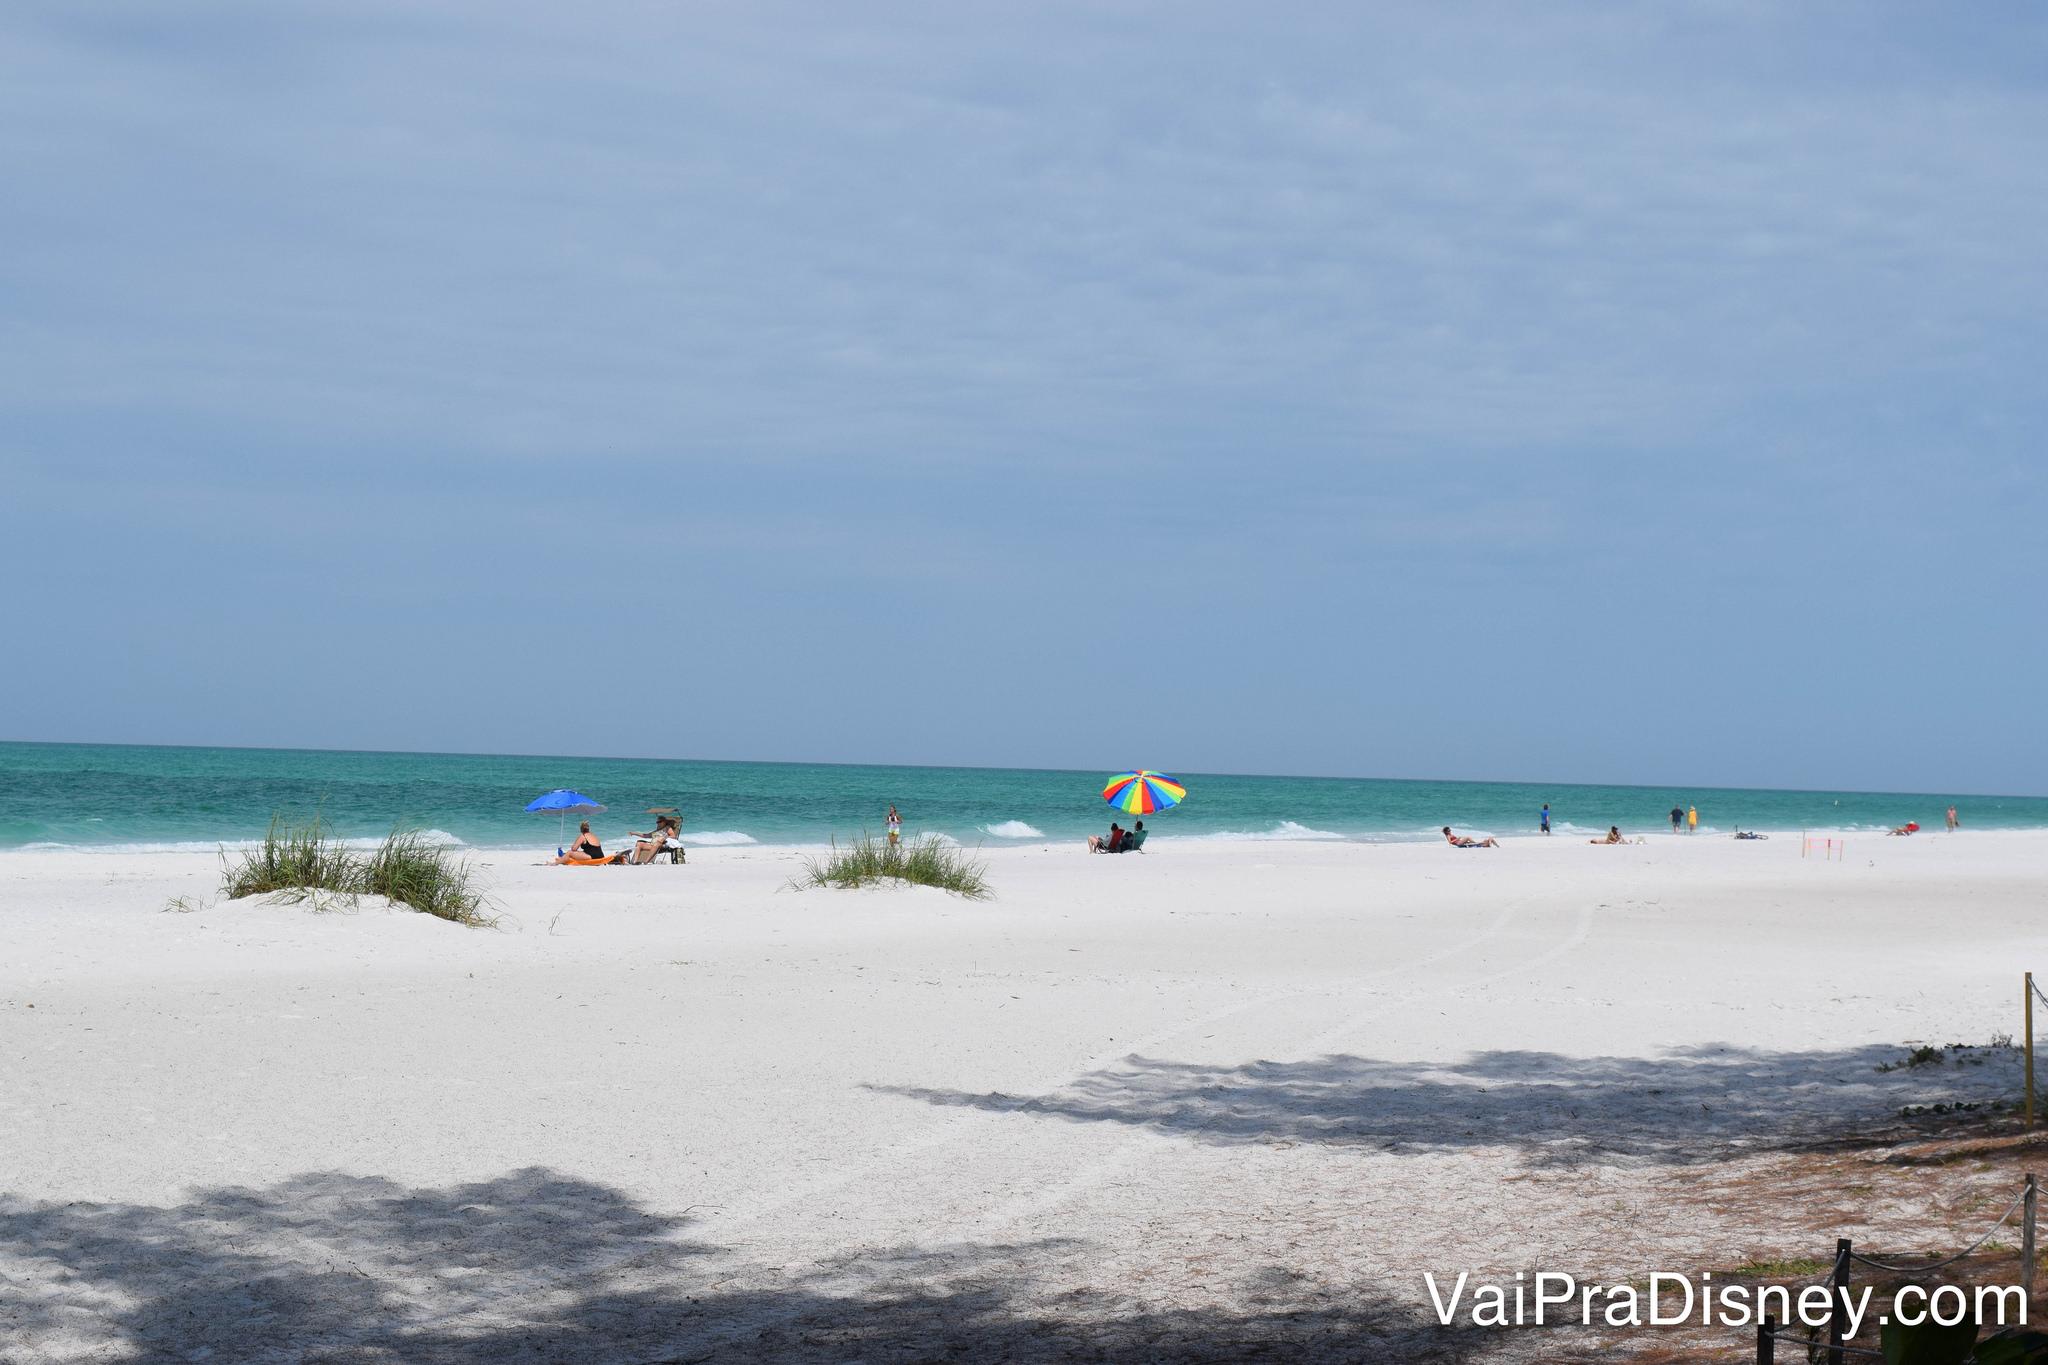 Em agosto, o calor da Flórida ainda está a todo o vapor. Perfeito para quem quer curtir uma praia por lá.